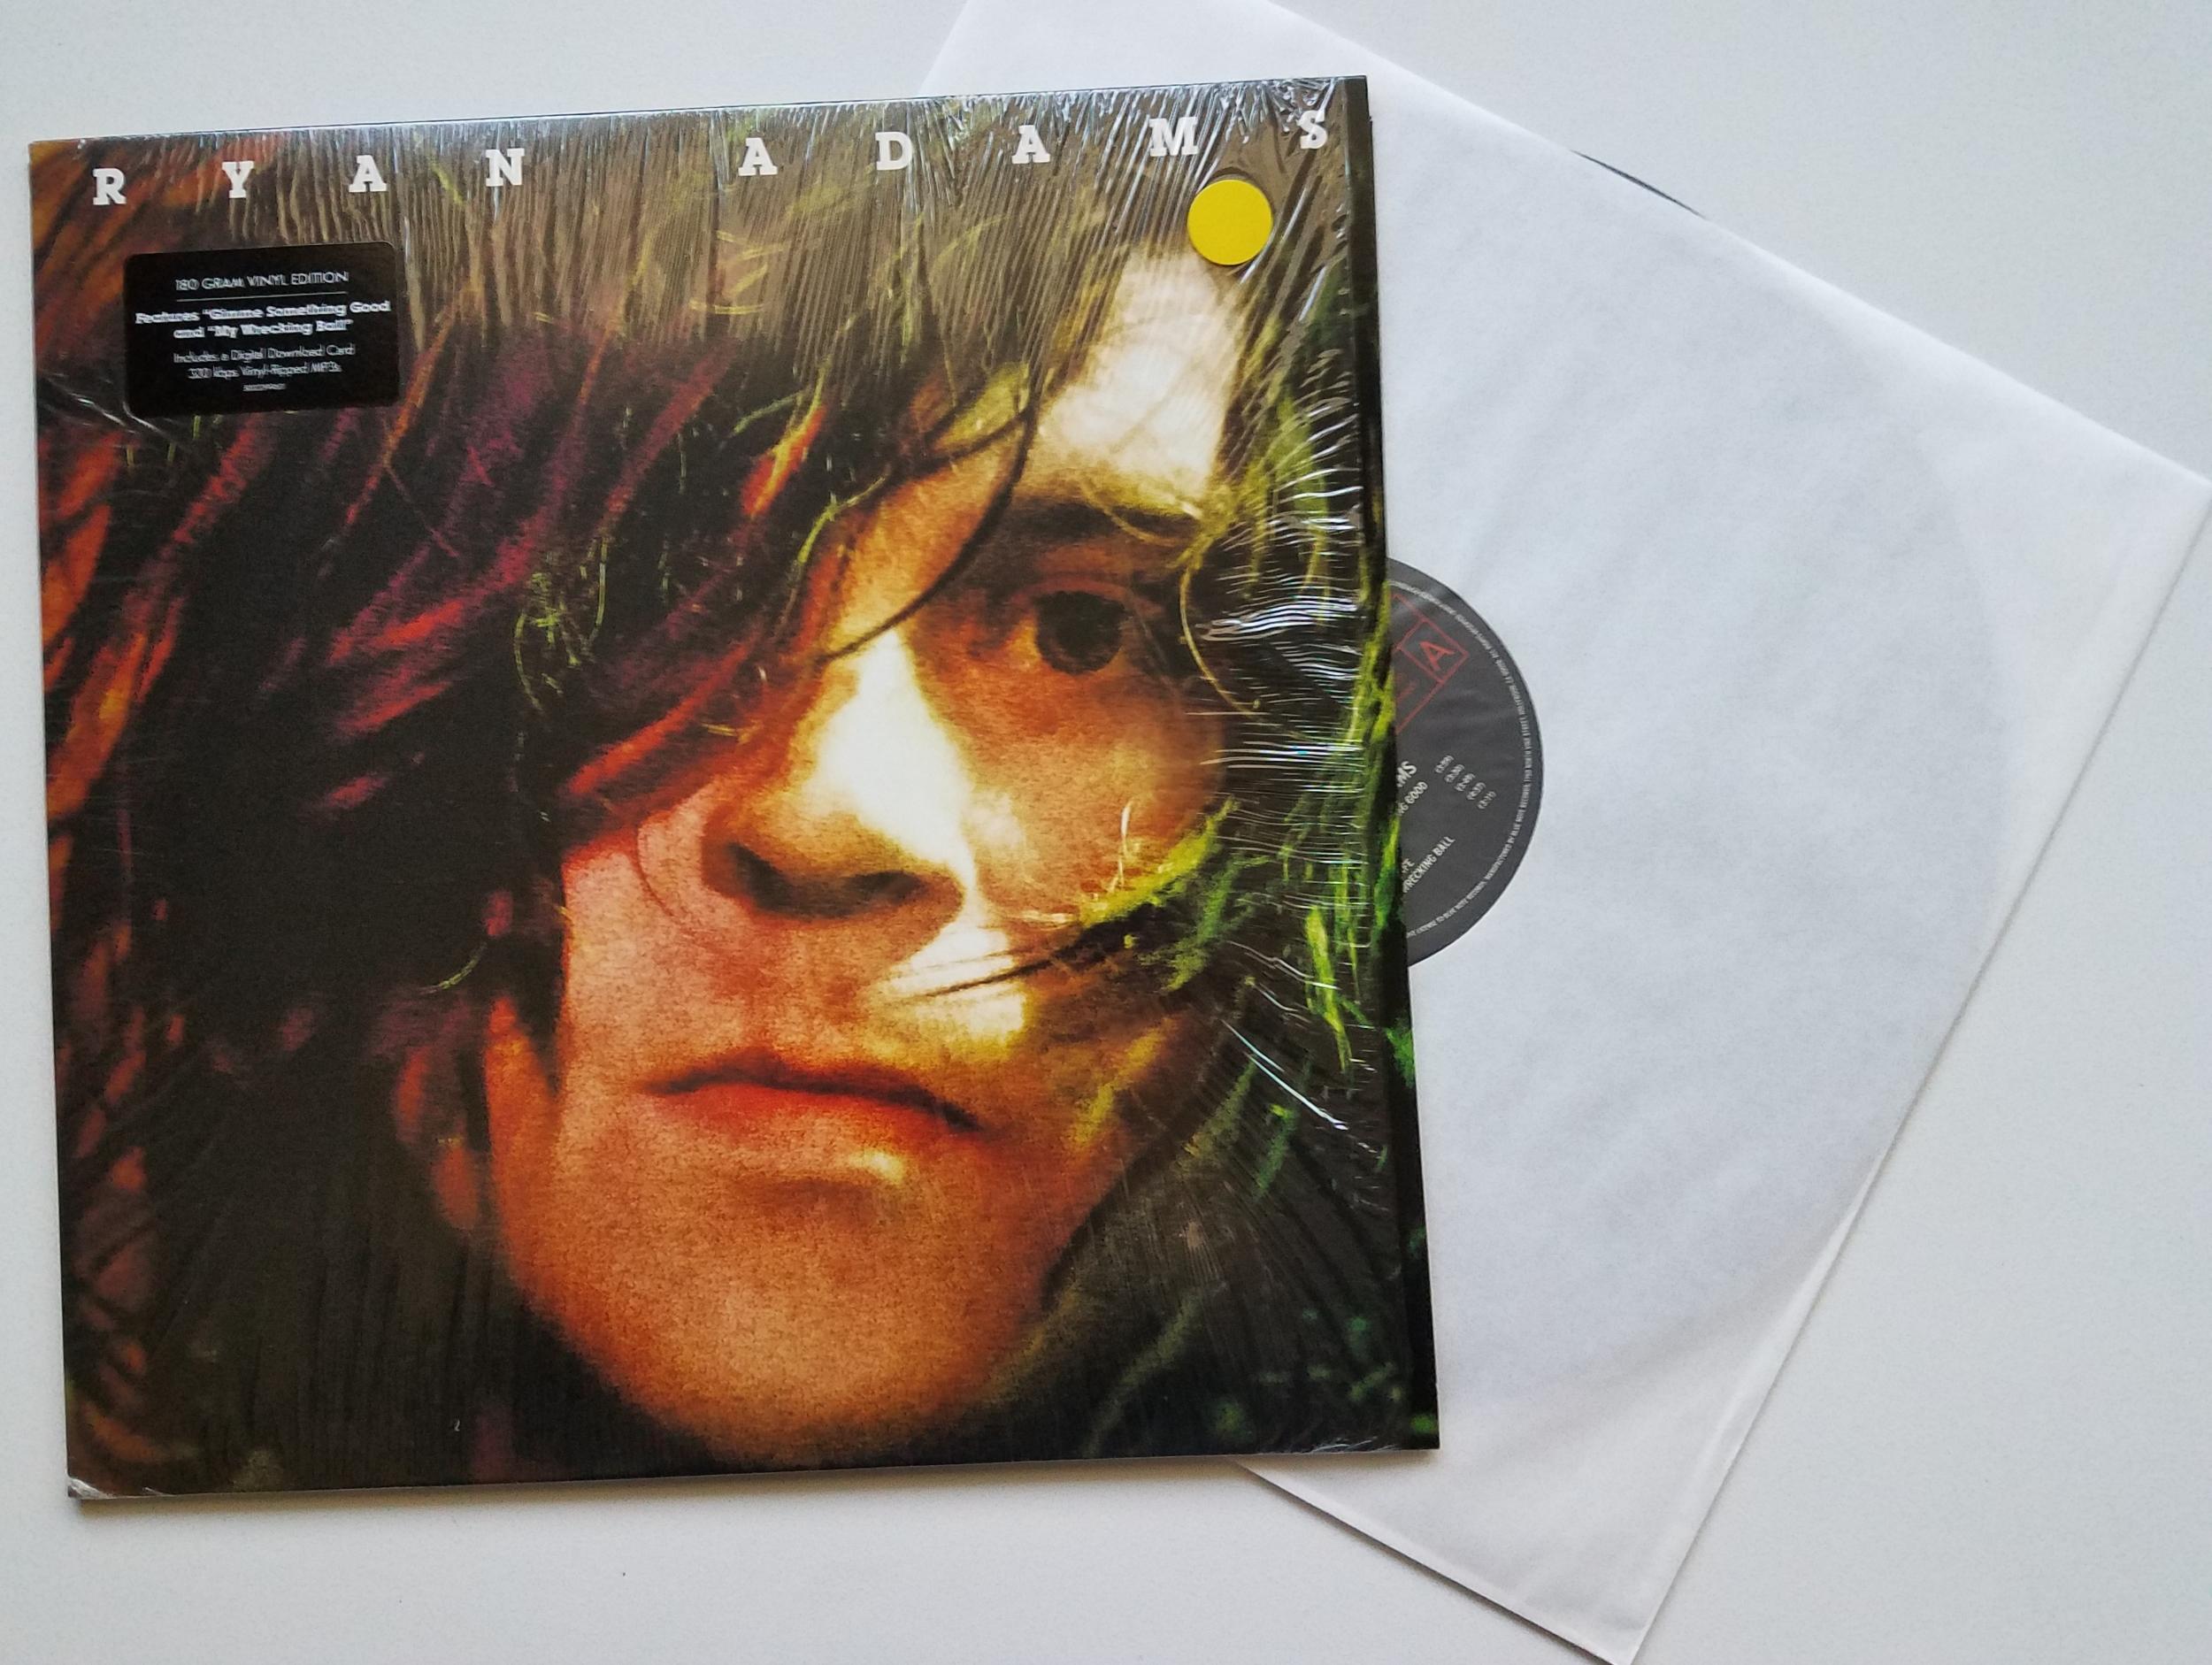 Ryan Adams - Ryan Adams LP (1st press)